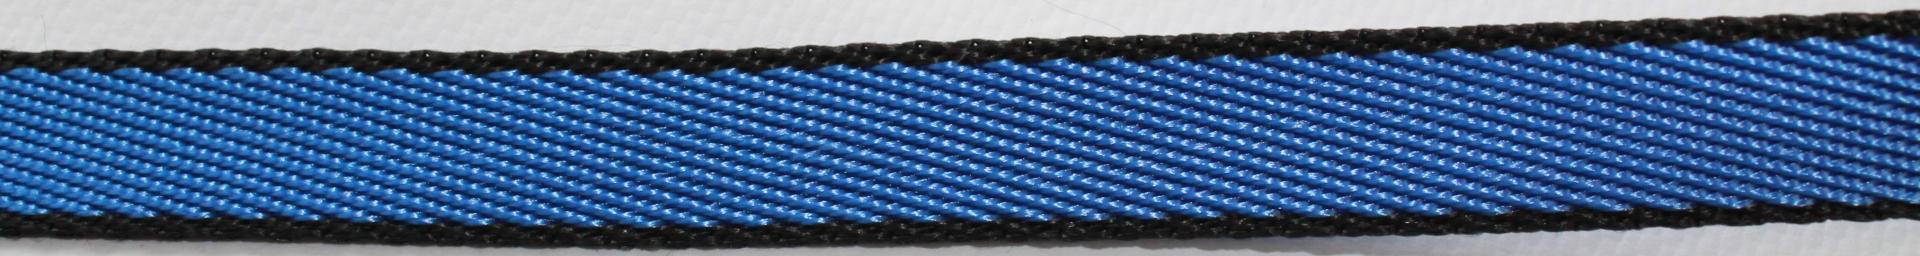 Поводок для собак Happy Friends, цвет: синий, ширина 1,4 см, длина 1,20 м поводок для собак happy friends цвет синий ширина 1 4 см длина 1 20 м